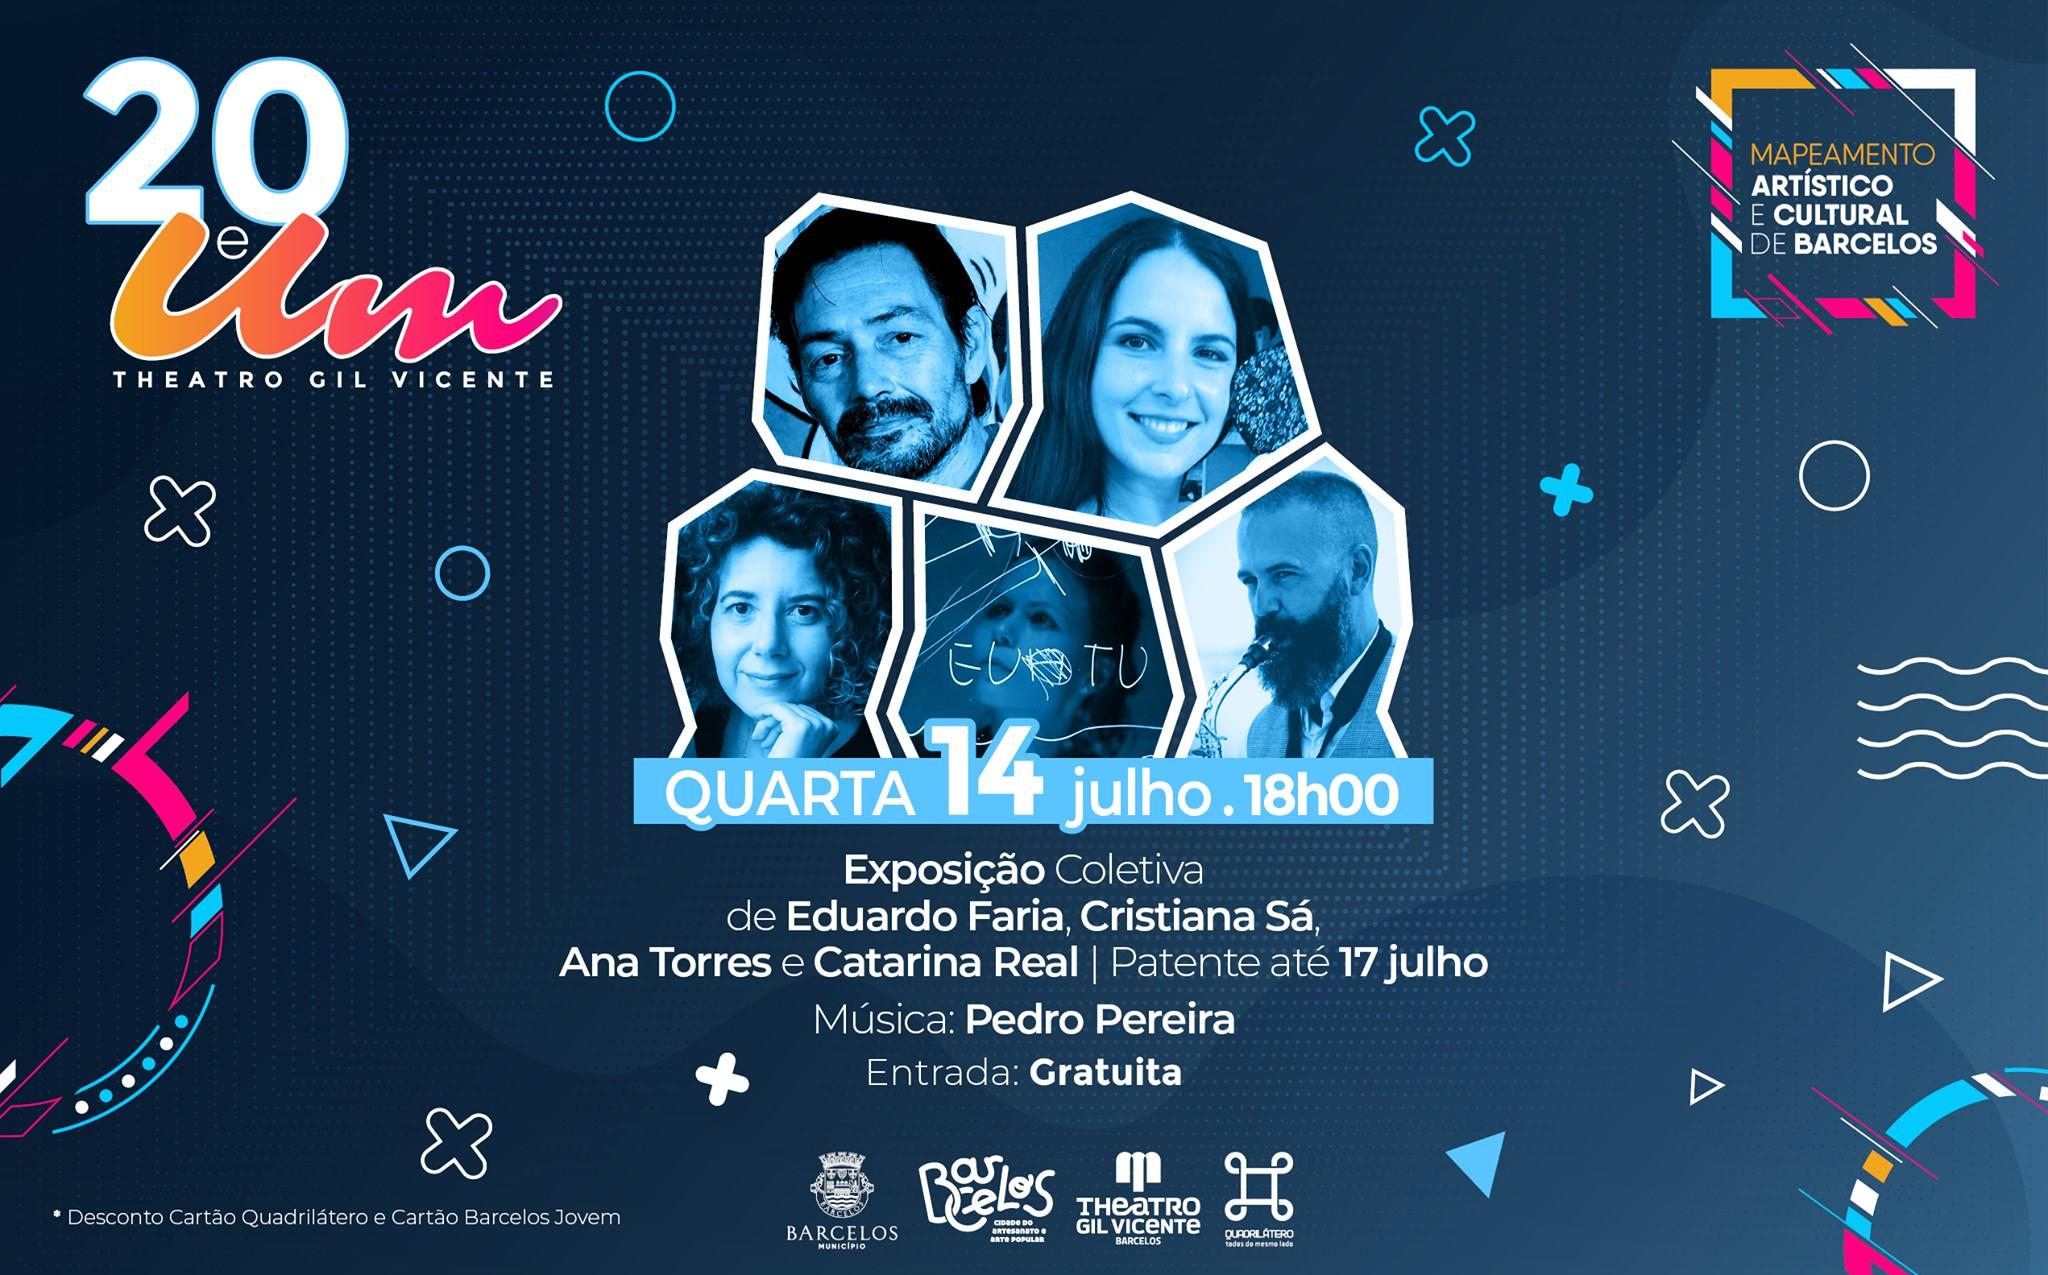 Festival 20 e Um - Exposição 'As Artes' com música de Pedro Pereira